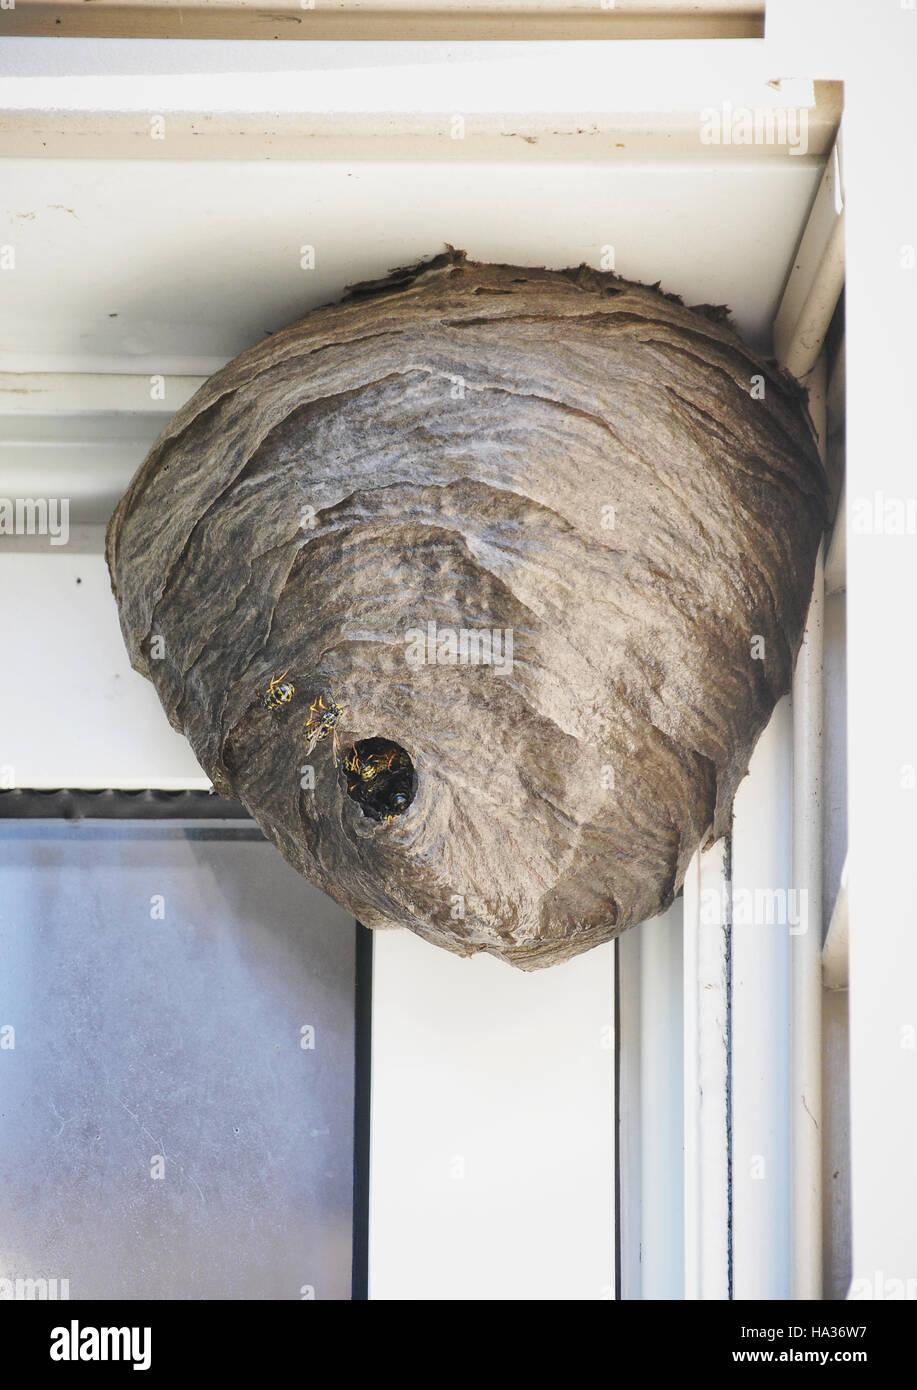 Un énorme nid de la ruche est suspendu à une maison avec des abeilles entrant et sortant d'un produit antiparasitaire ou d'allergie concept. Banque D'Images